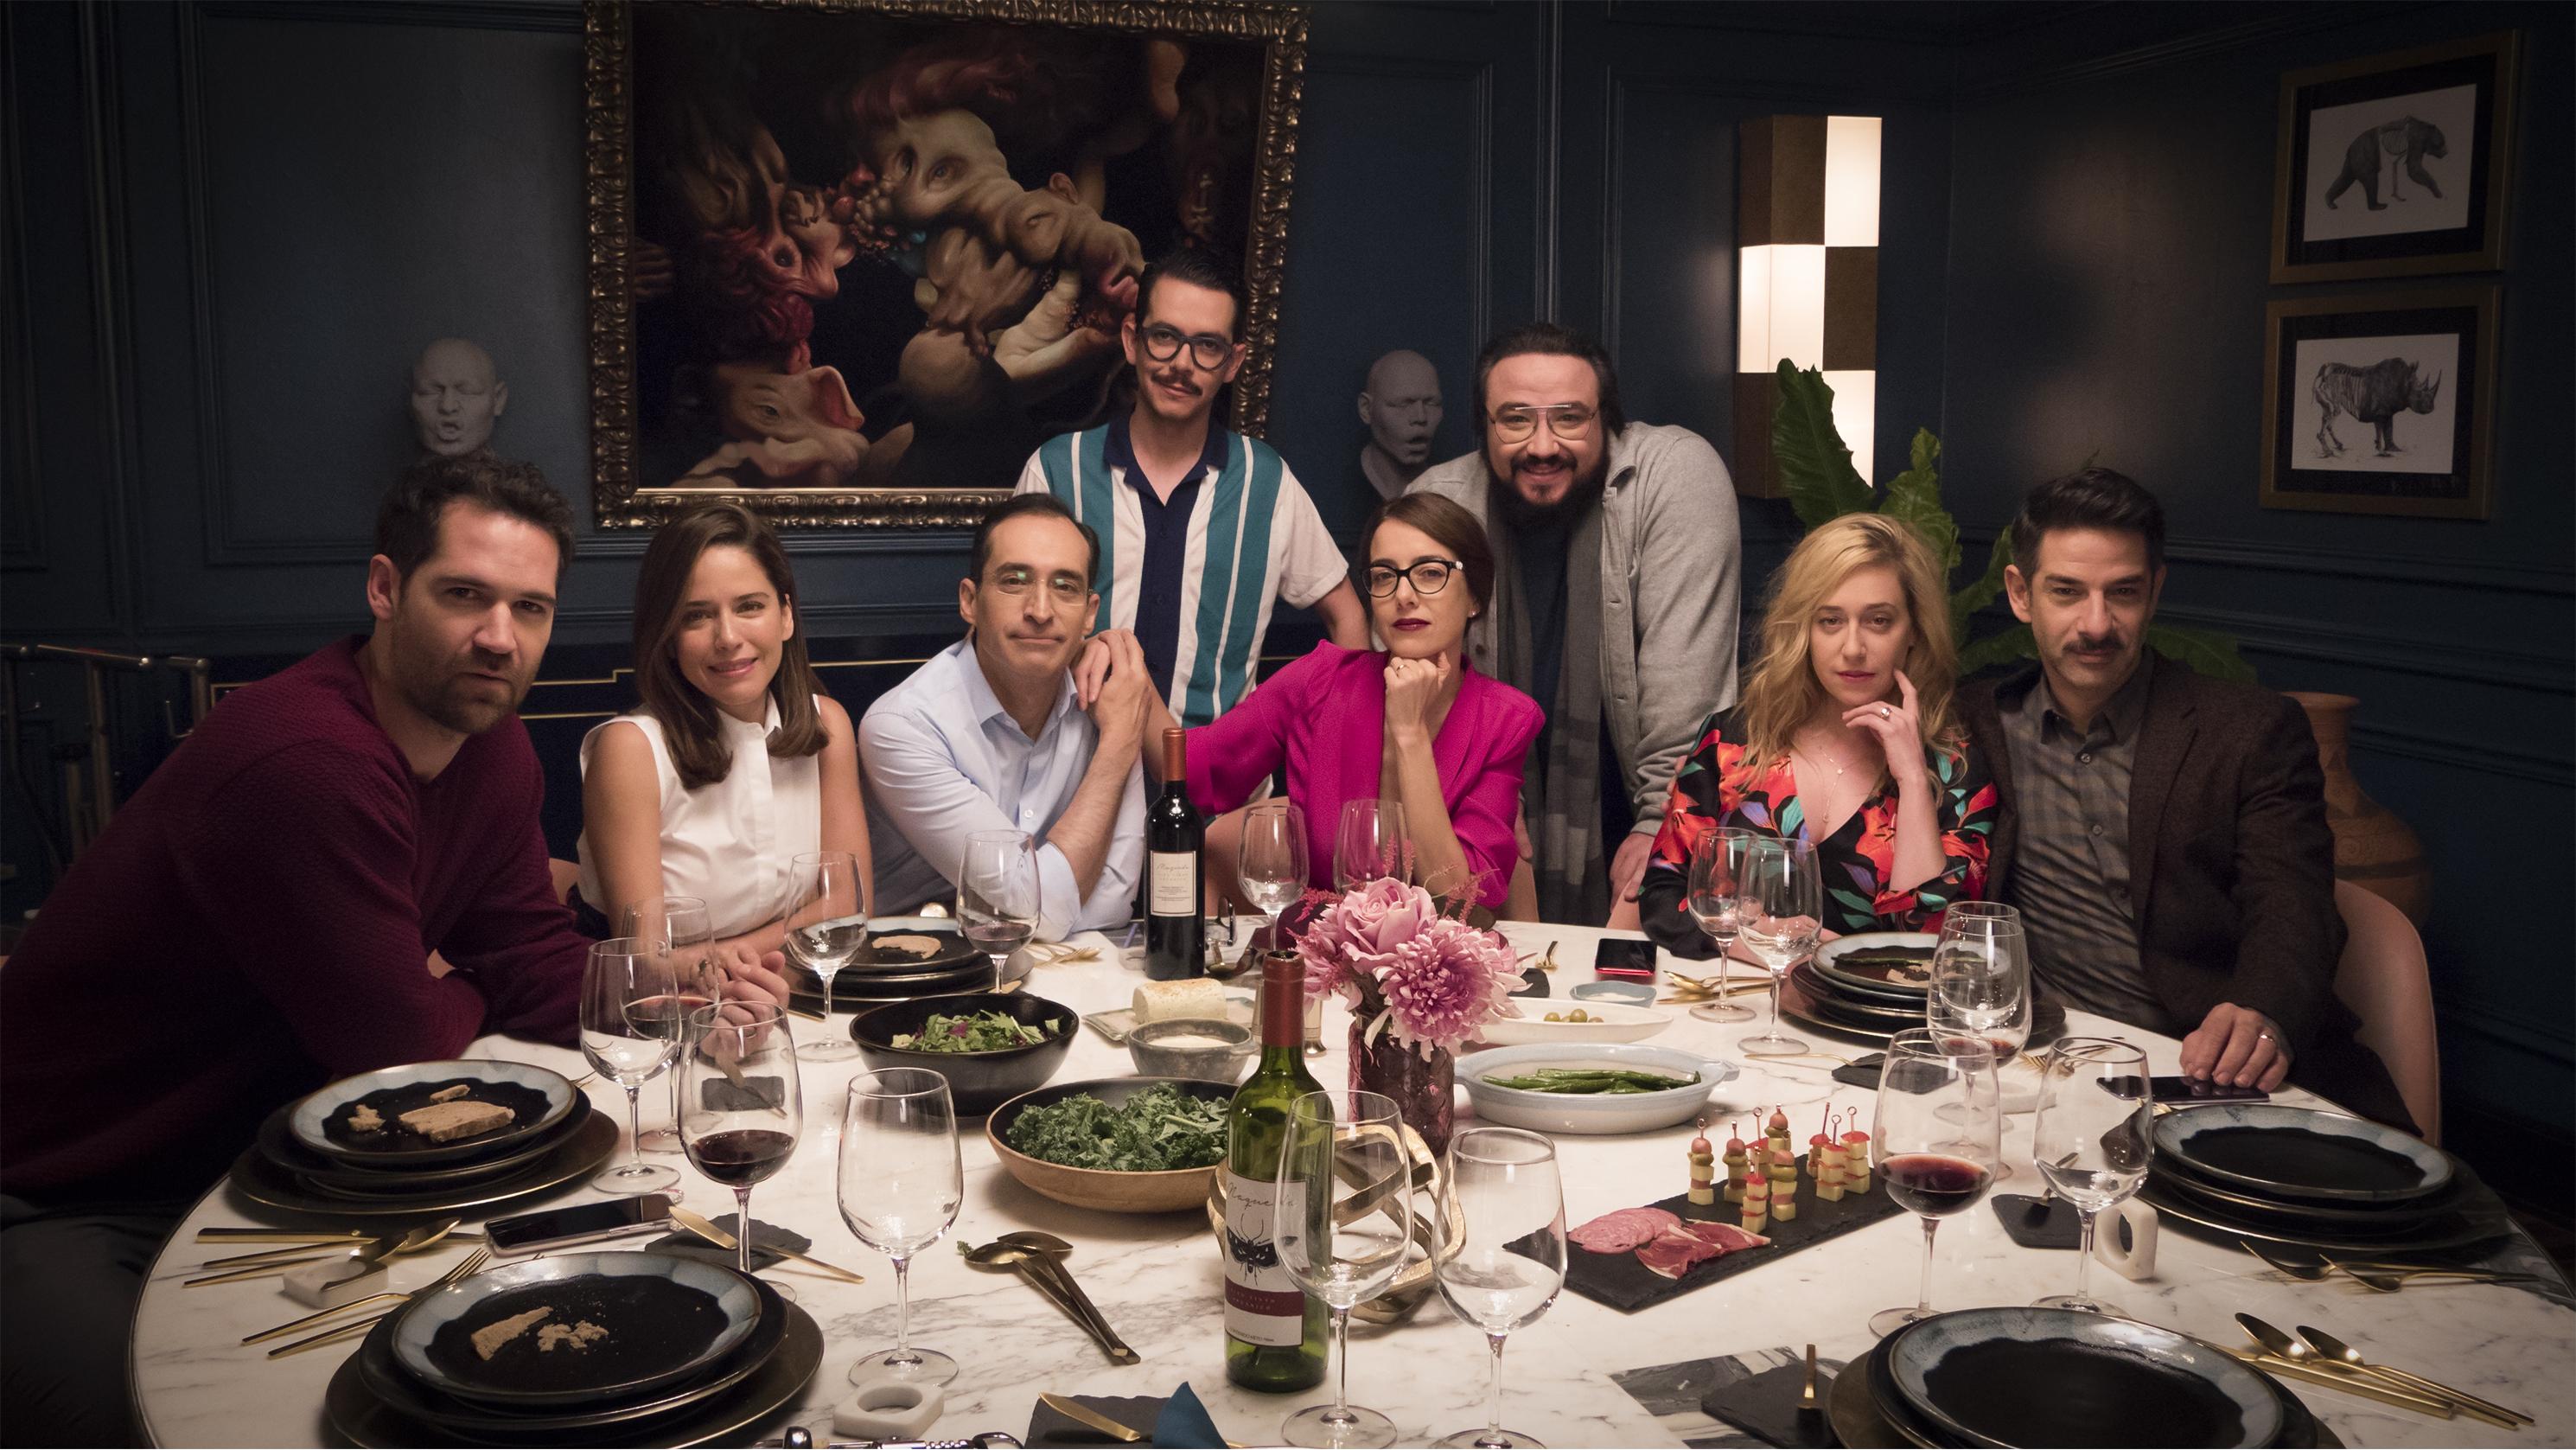 TRAILER: 'Perfectos Desconocidos' Is a Dark Comedy About the Secrets We Hide in Our Smartphones